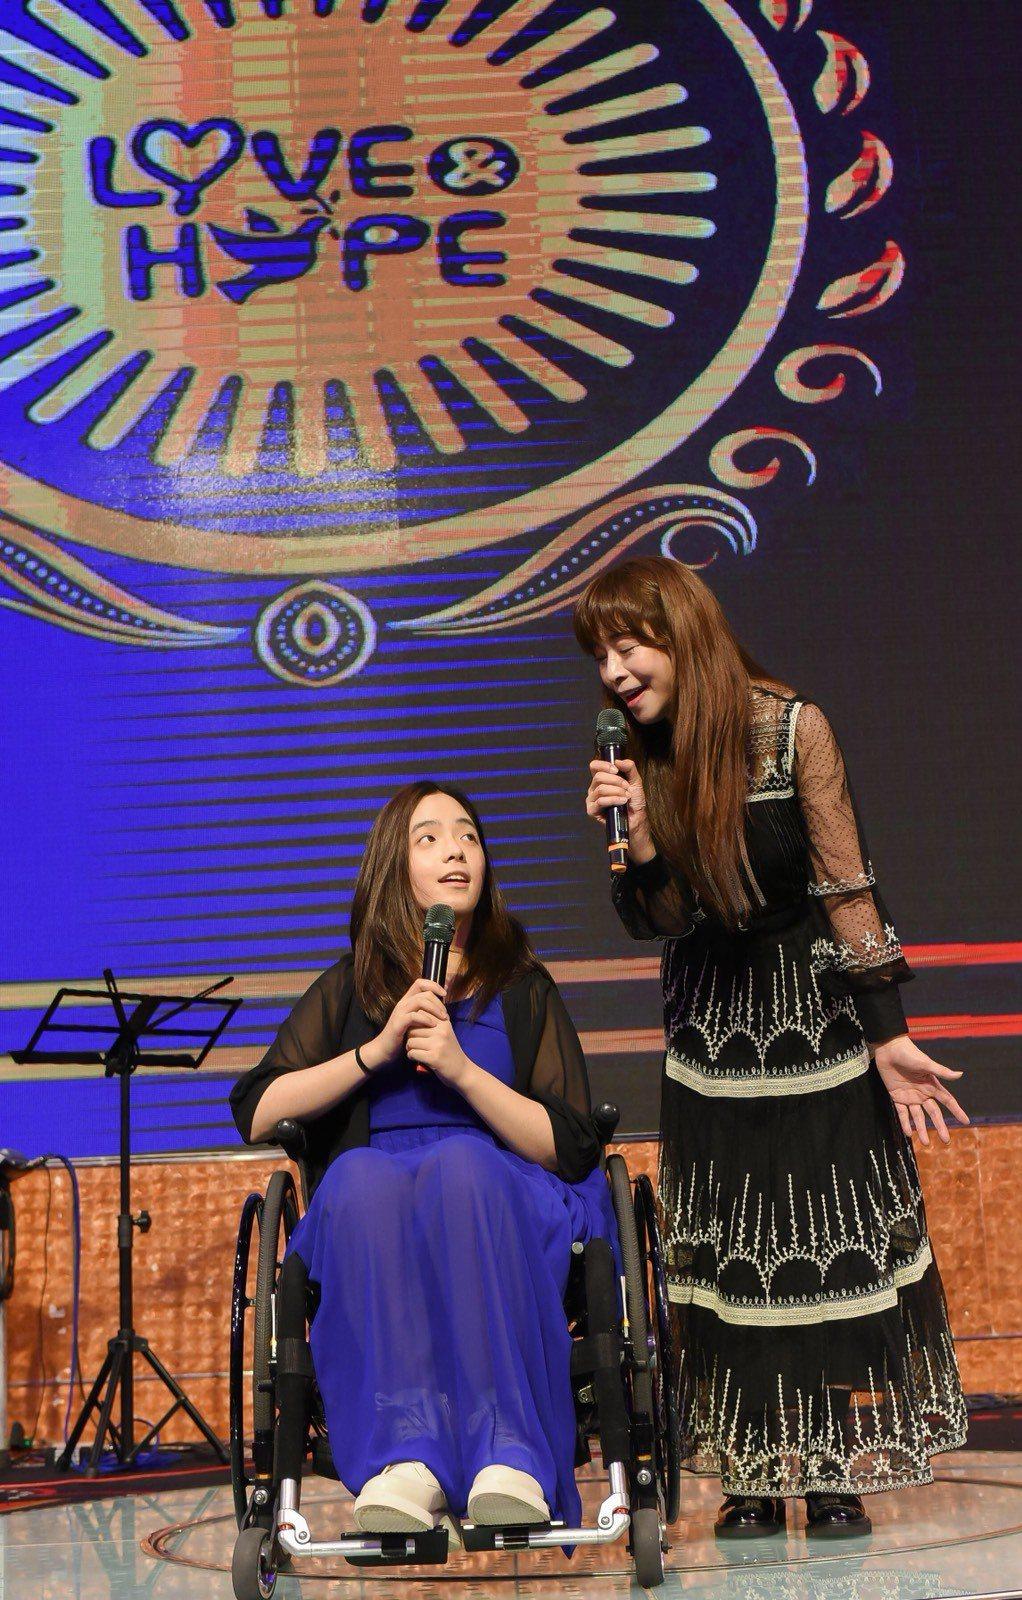 張瓊瑤帶著罹患罕病、坐著輪椅的女兒張語安做公益撫慰人心。圖/台灣愛與希望關懷協會...